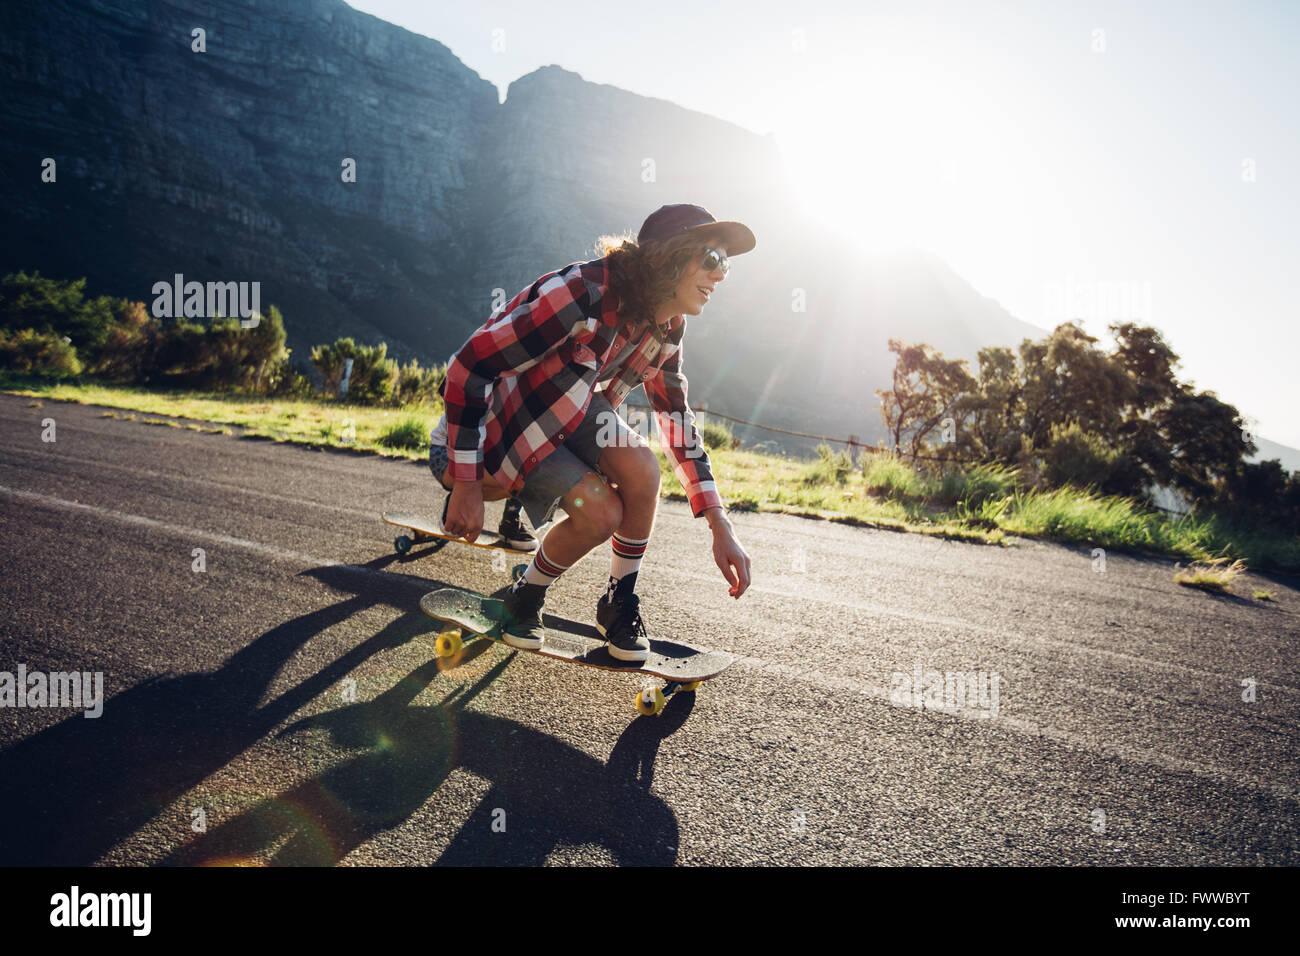 Jeune homme longboard en plein air, sur route de campagne. Planche à roulettes masculins sur une journée Photo Stock